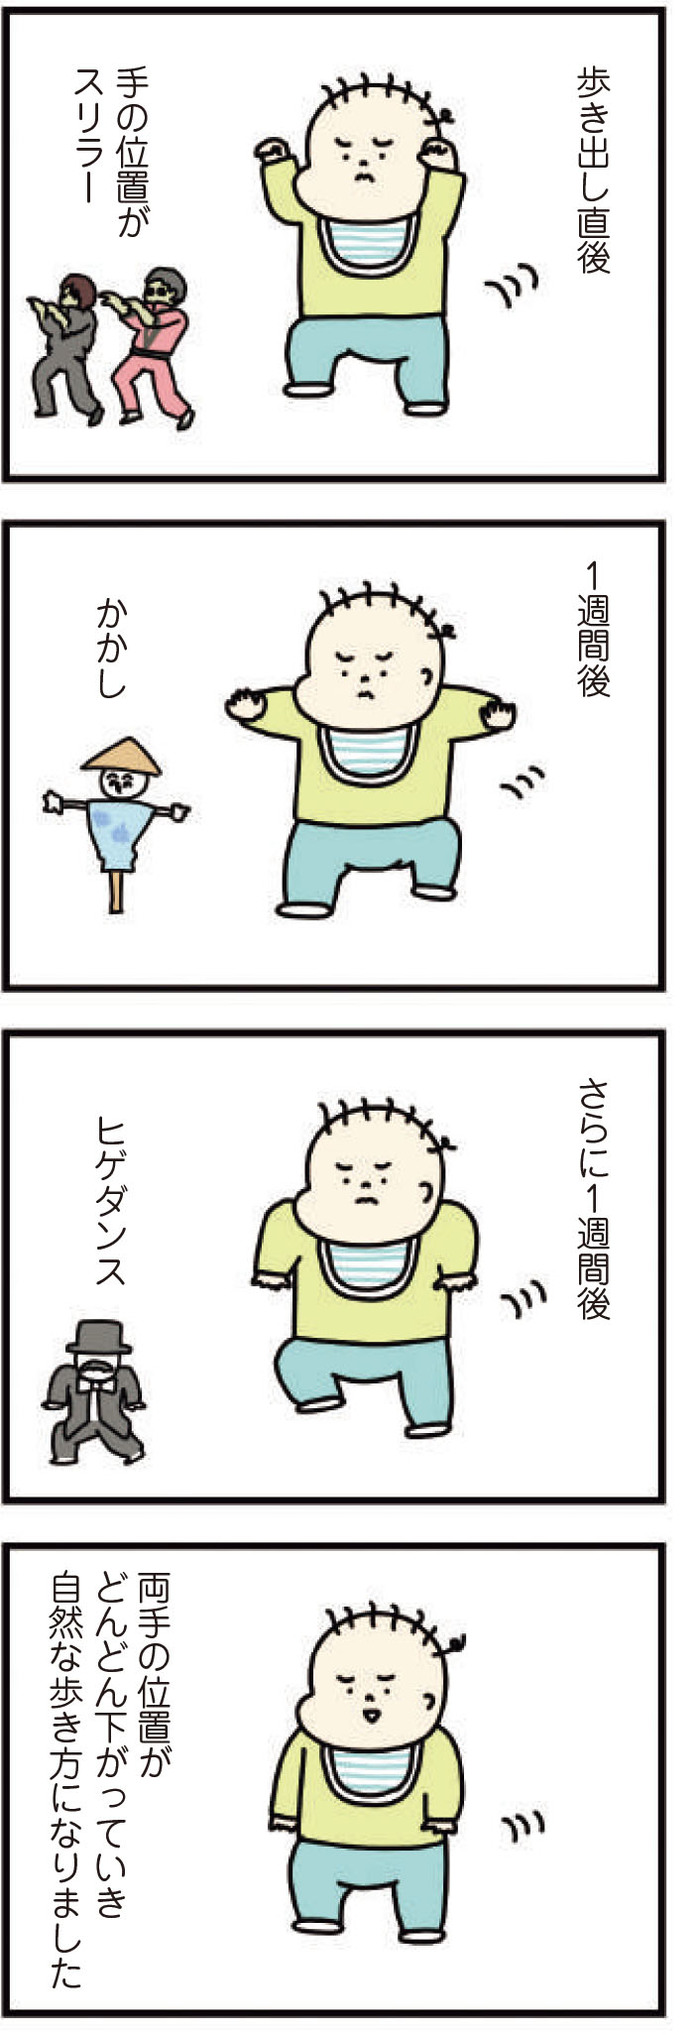 スリラーからのカカシからのひげダンス!!歩き出しスタイル三段活用の画像1